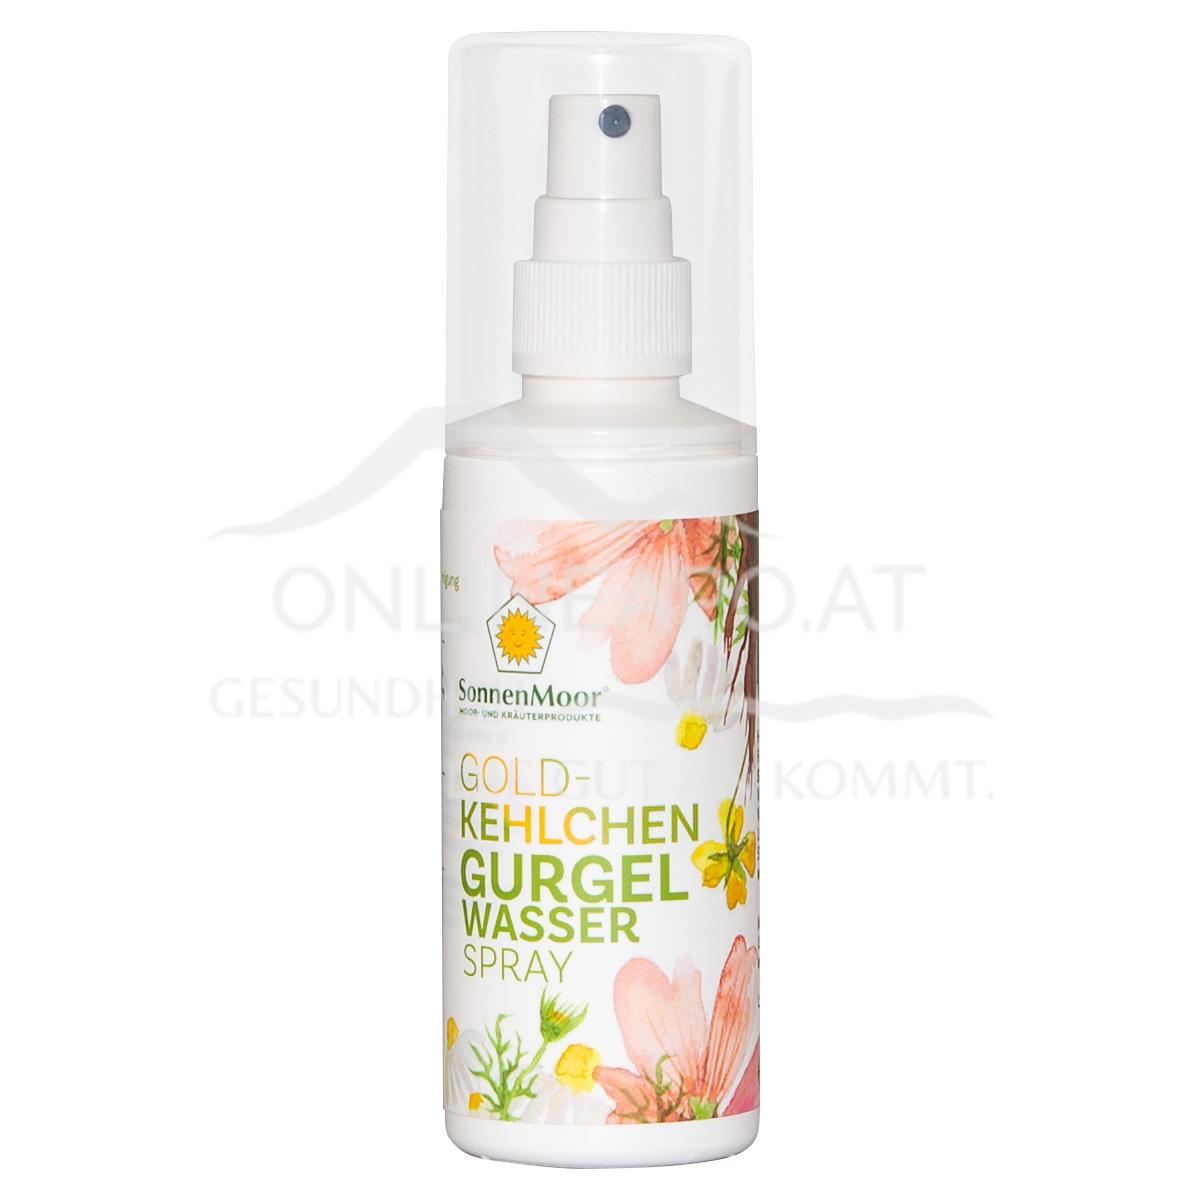 SonnenMoor Gurgelwasser Spray